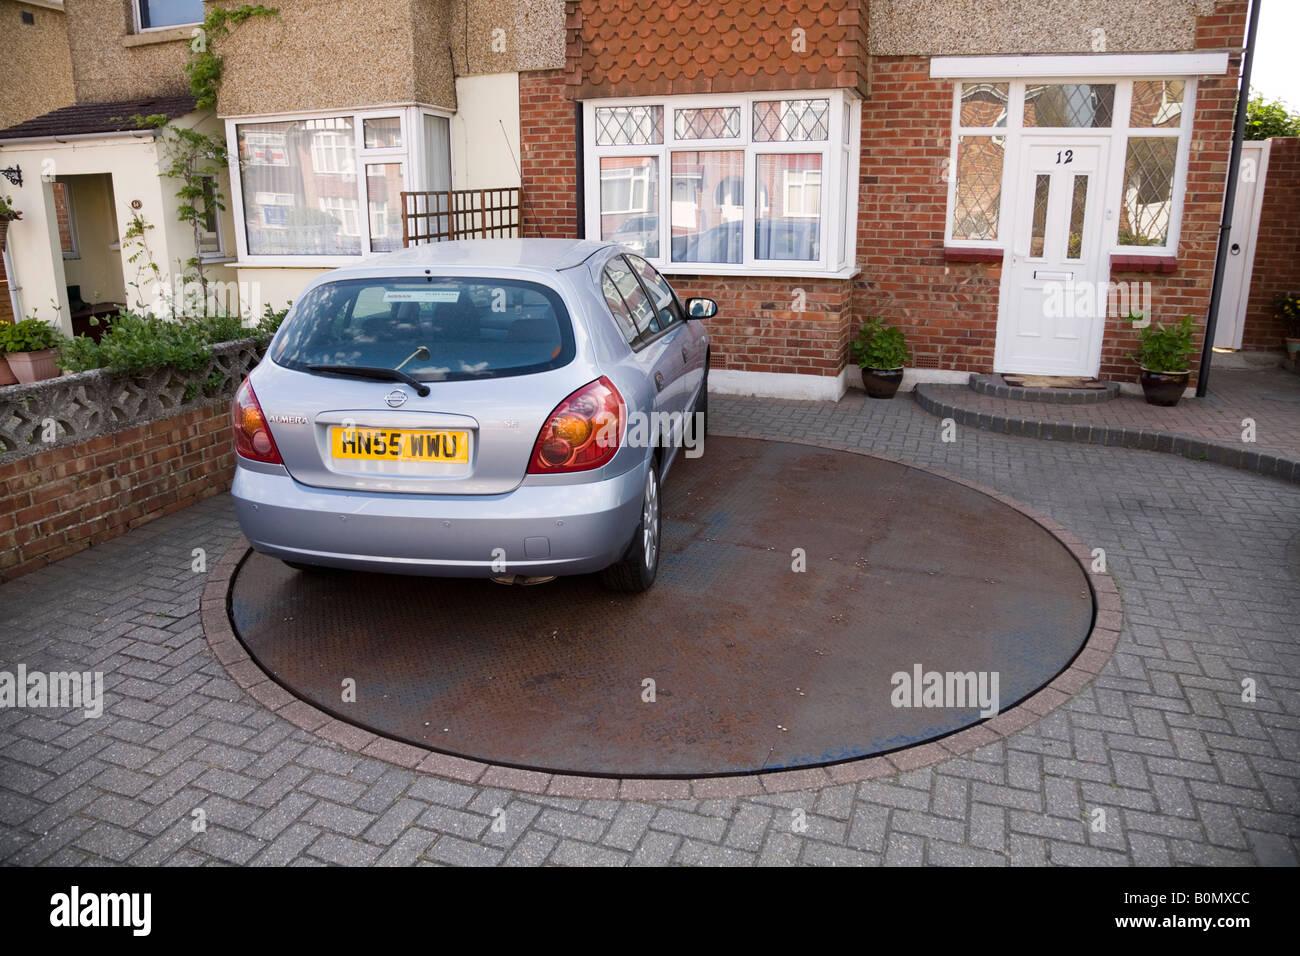 Drehteller Drehscheibe, geparktes Auto für leichten Zugang zum ...